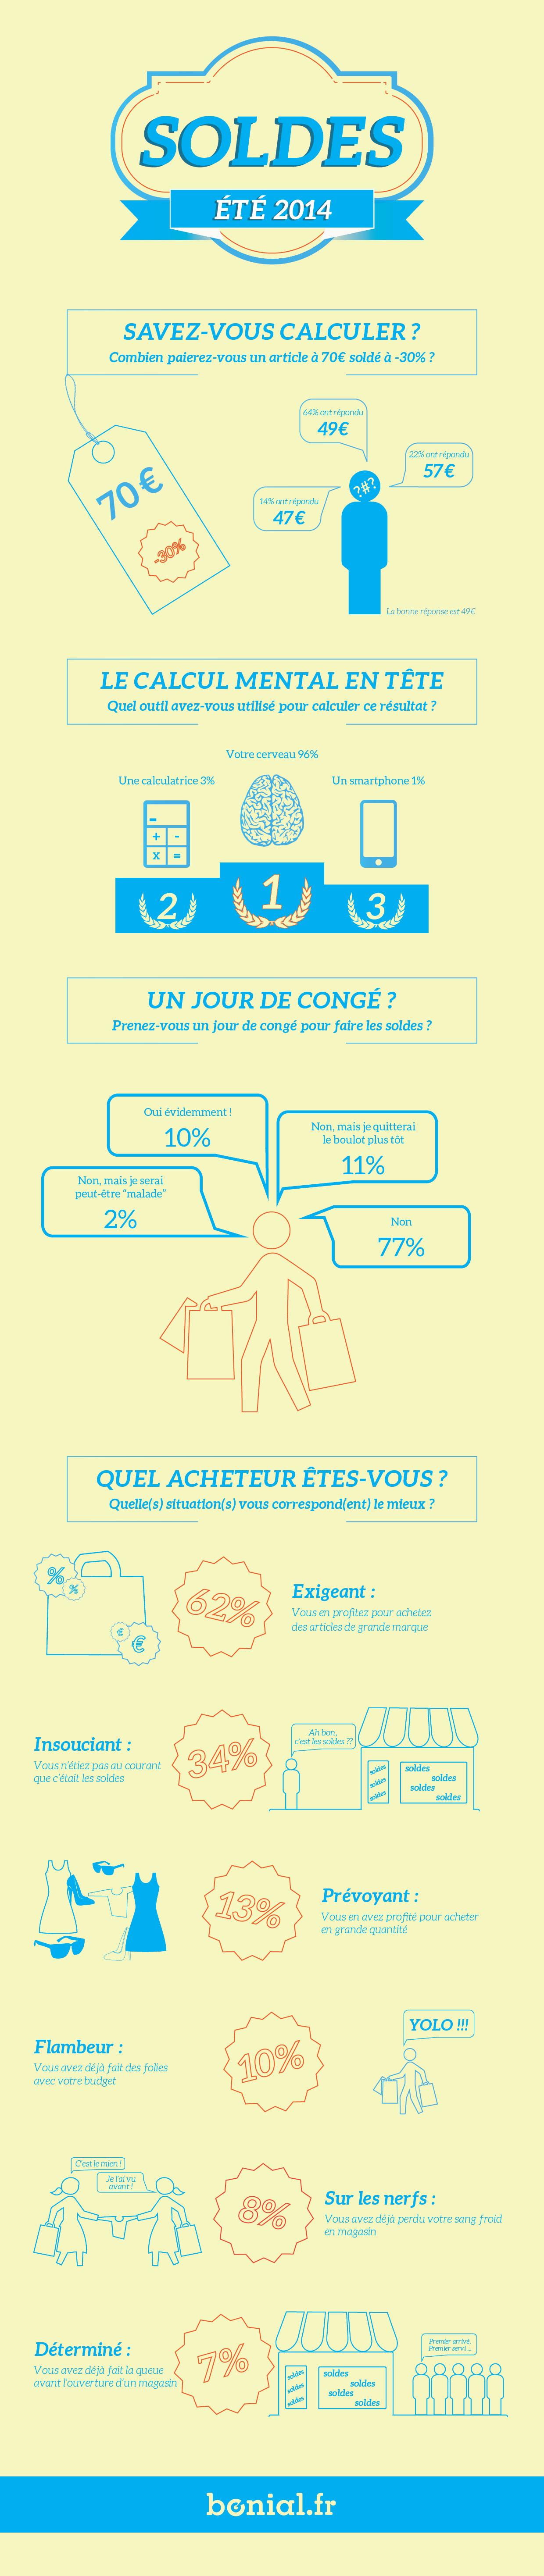 Infographie : les soldes d'été 2014